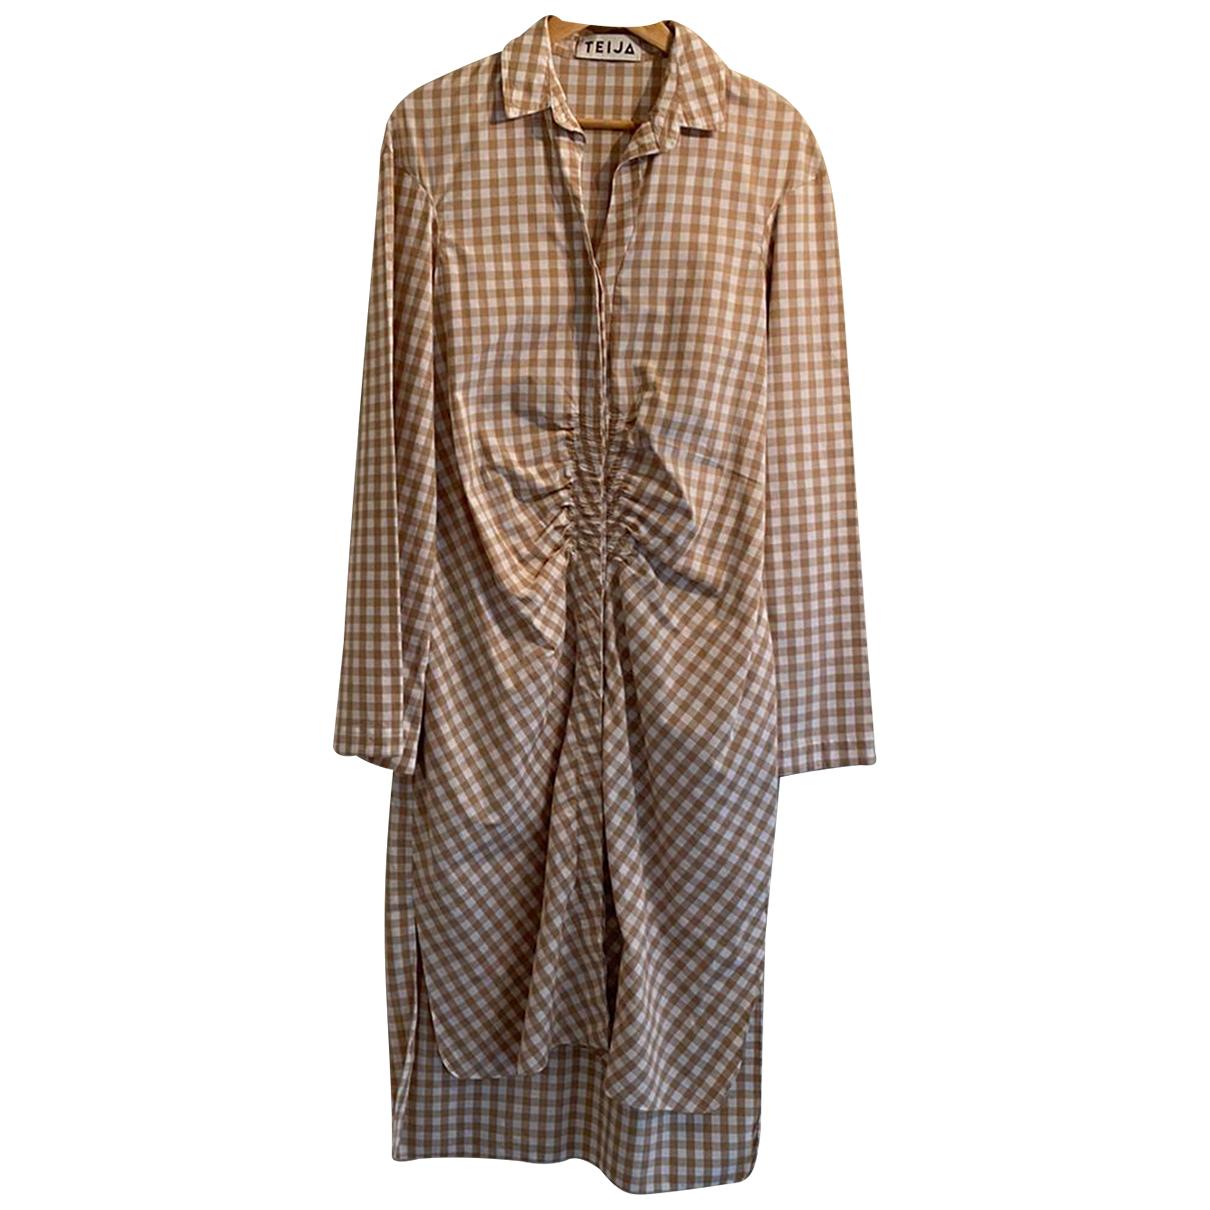 Teija \N Kleid in Baumwolle